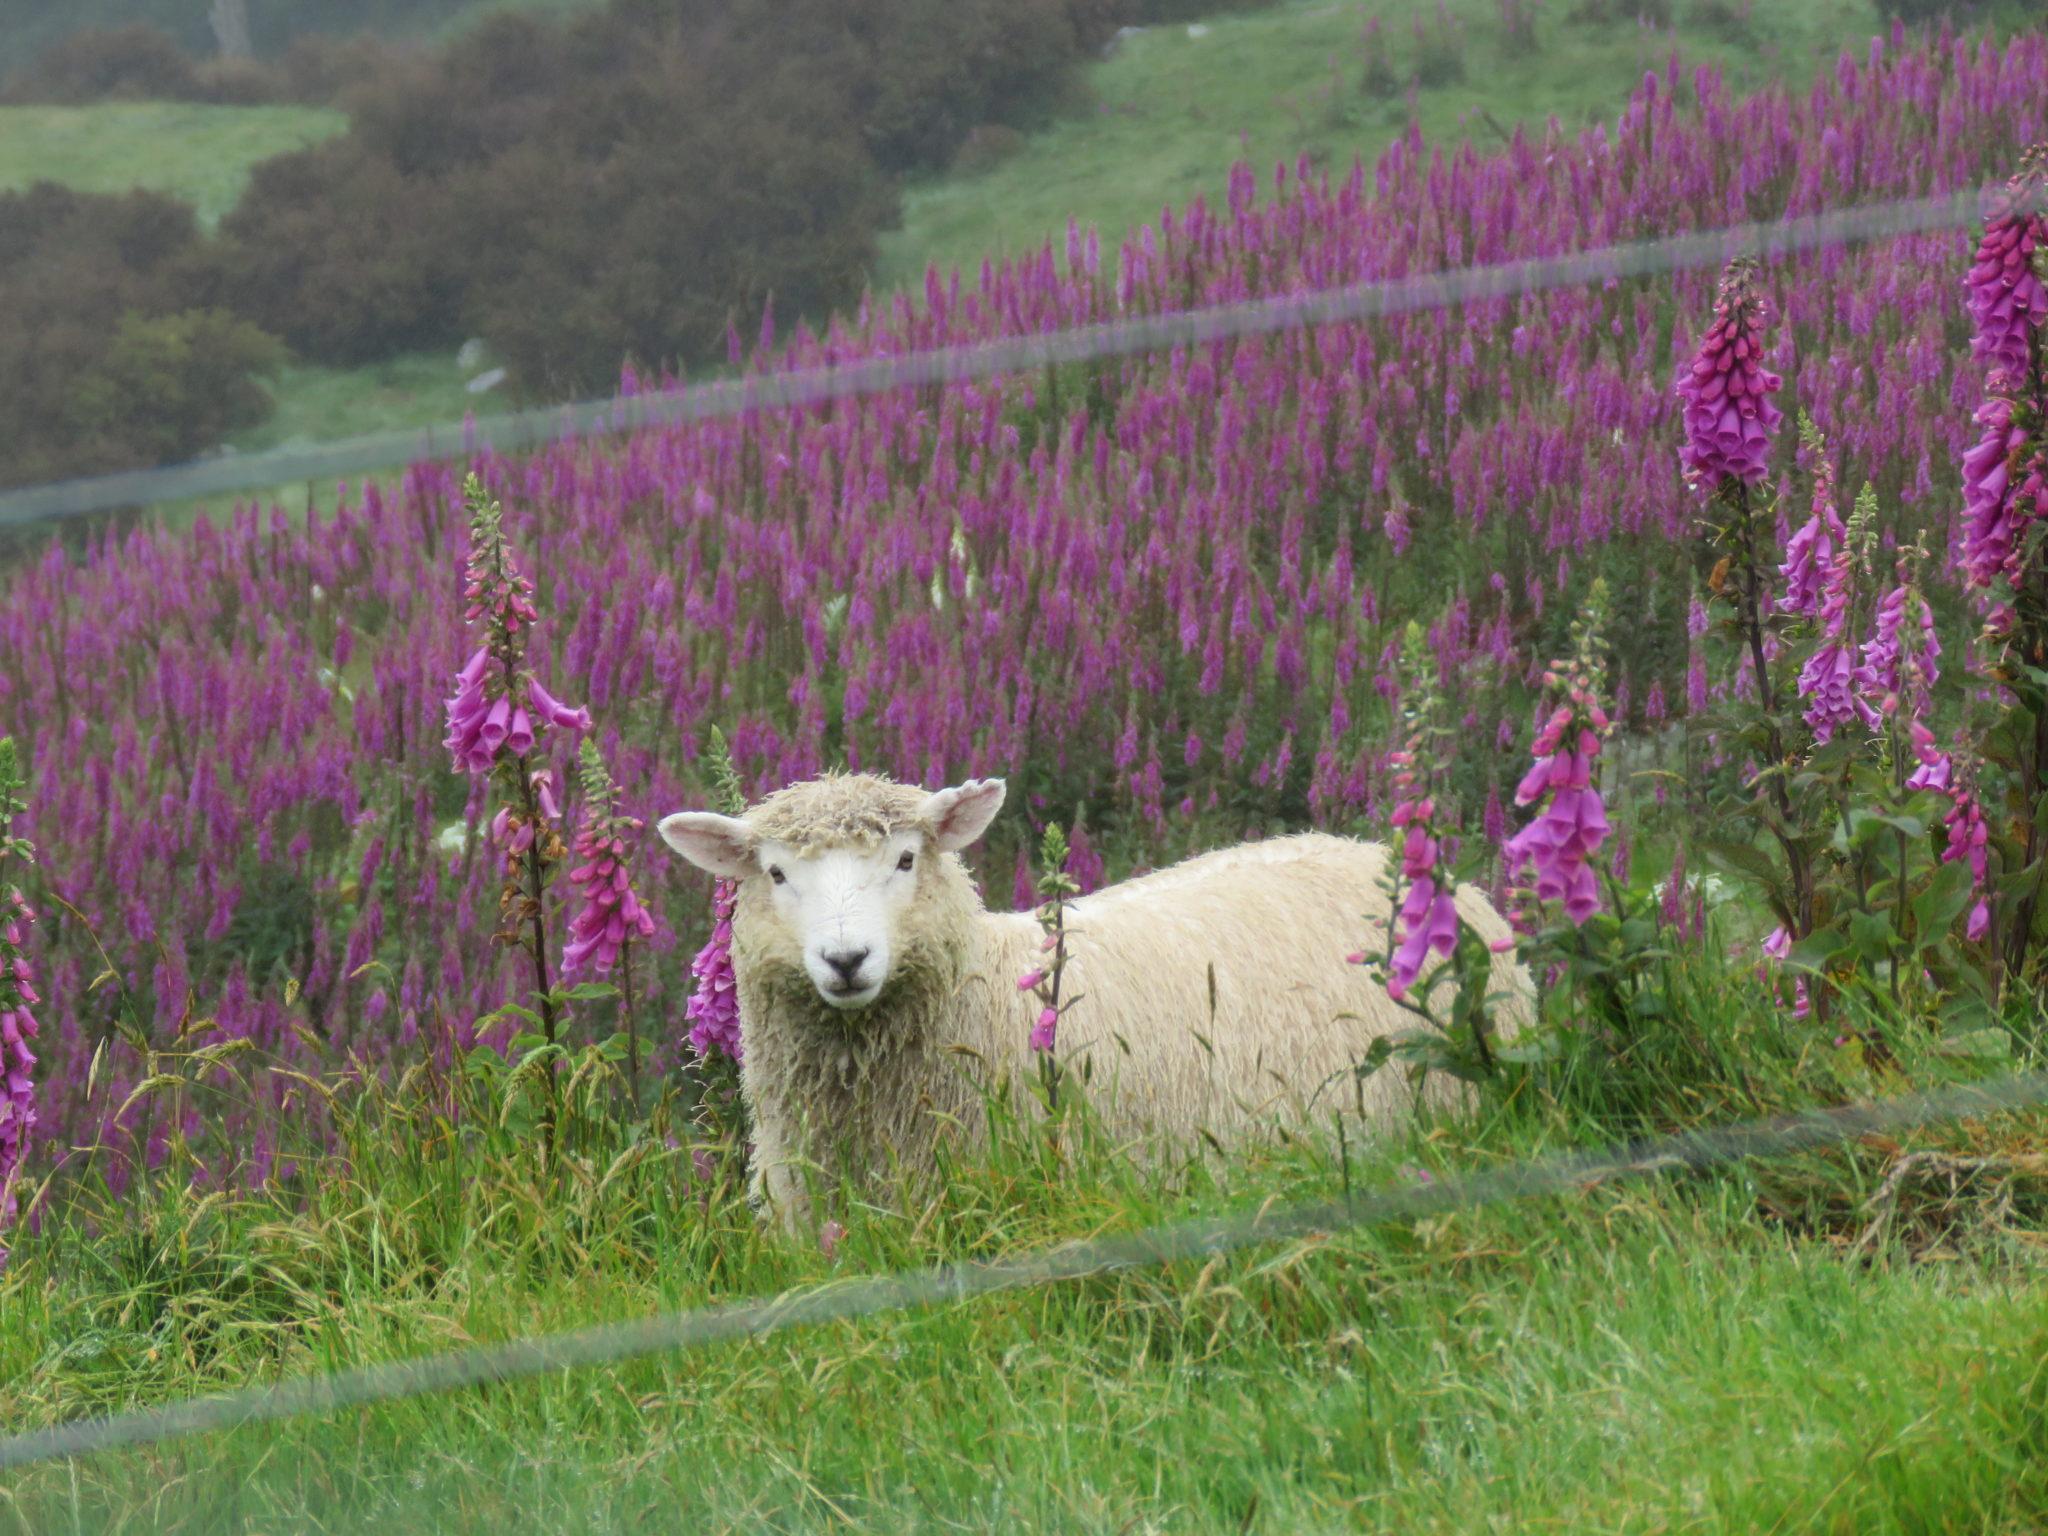 Schaf mit Lupinen